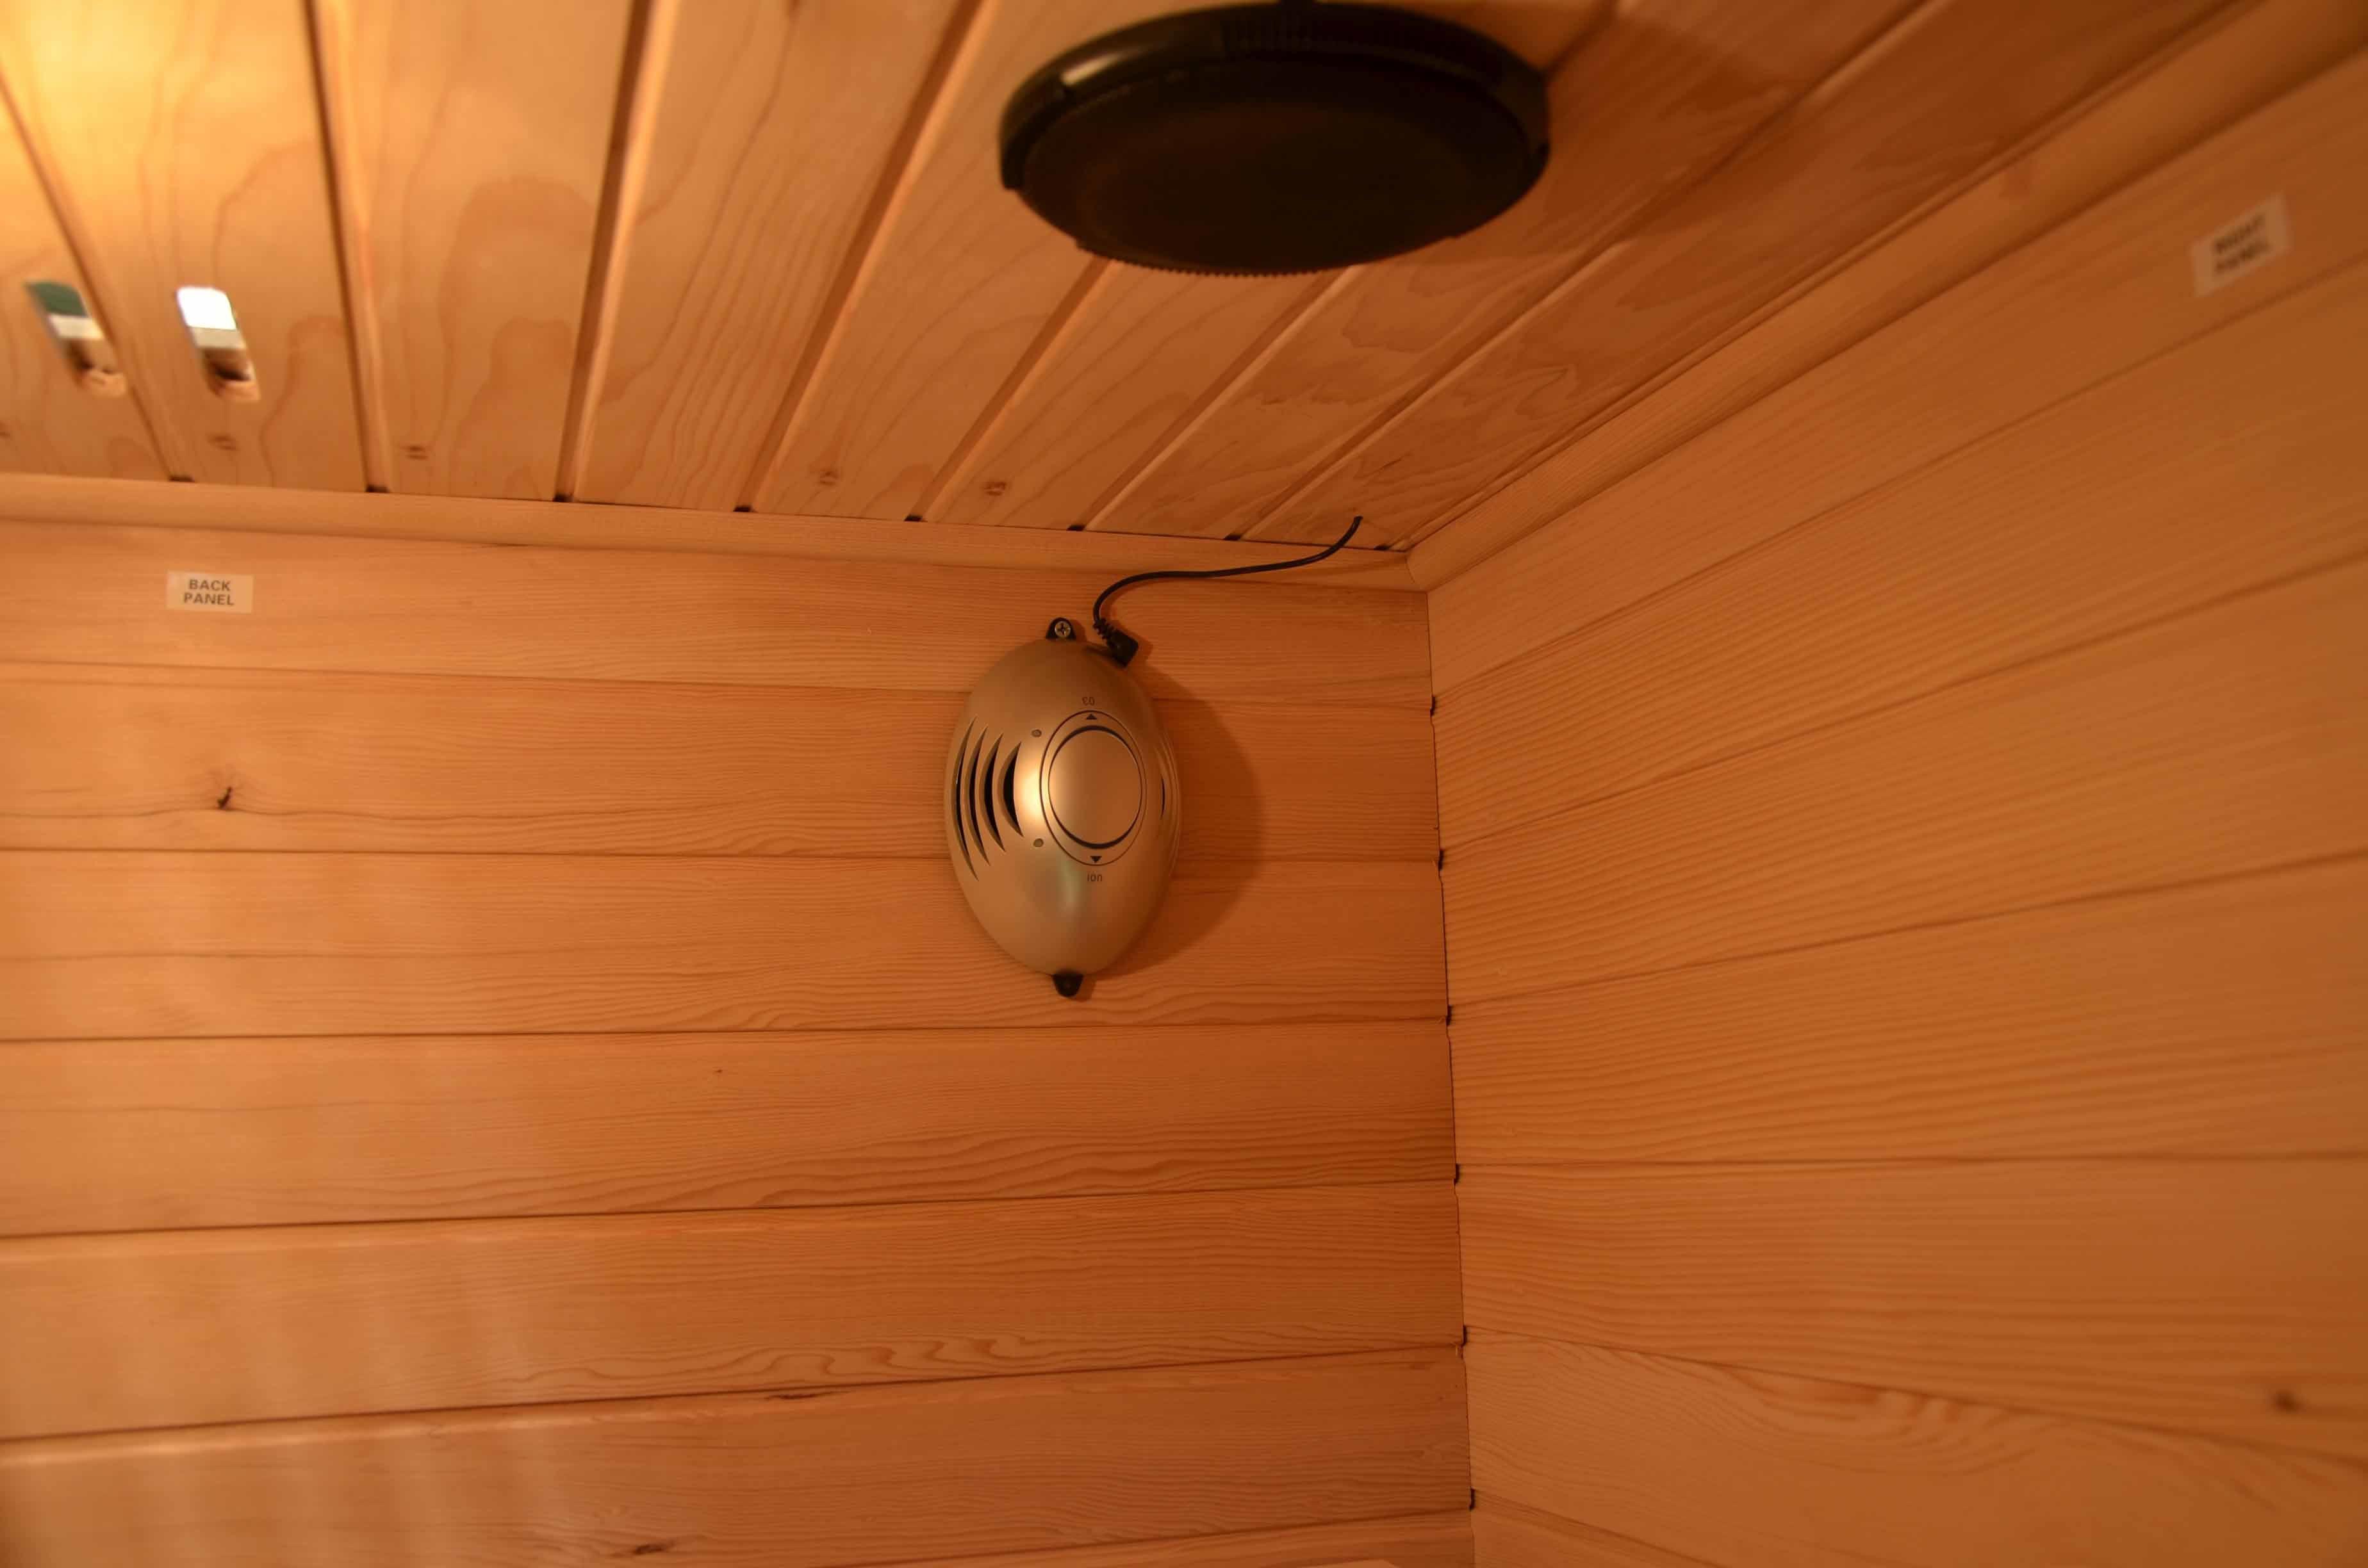 2016 Far Infrared Sauna Hotwind Sauna Portable Sauna Room for 2 People (SEK-B2)